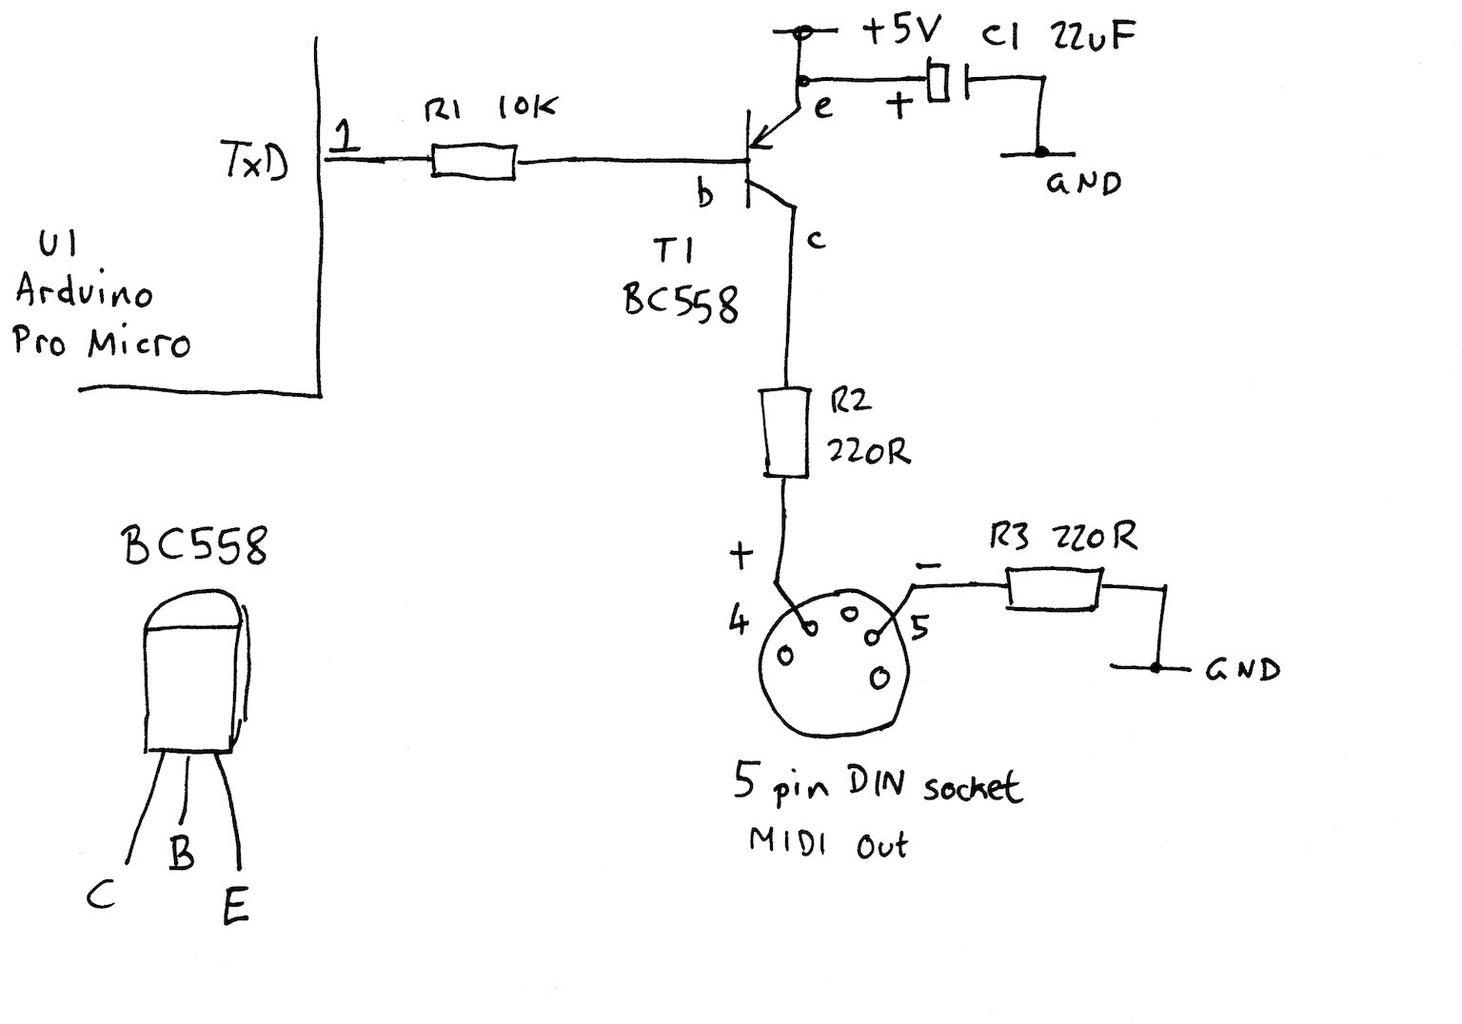 MIDI Output Circuit